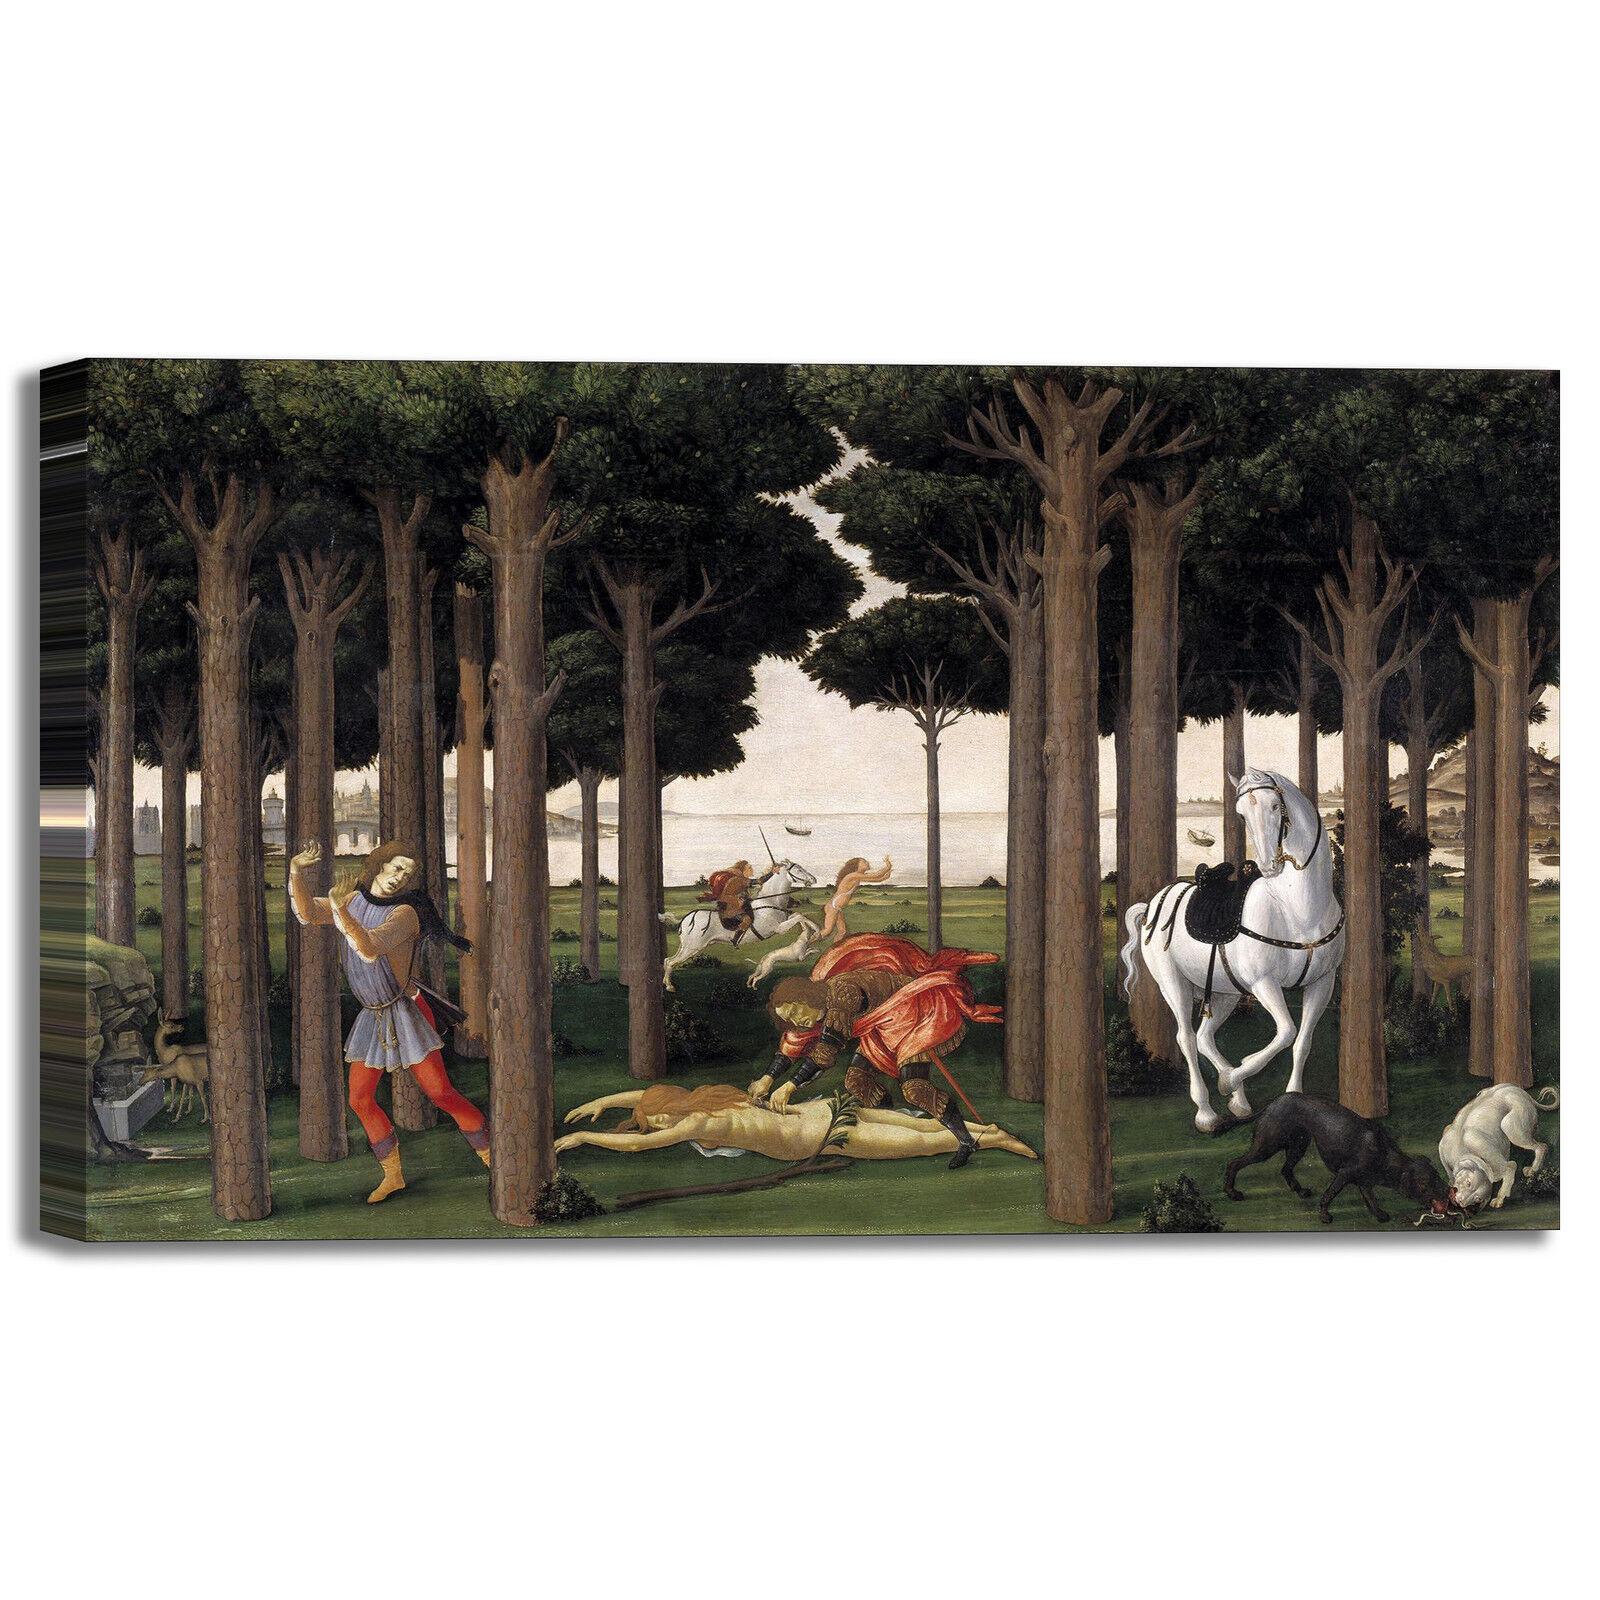 Botticelli Nastagio degli onesti 2 quadro stampa tela dipinto telaio arroto casa